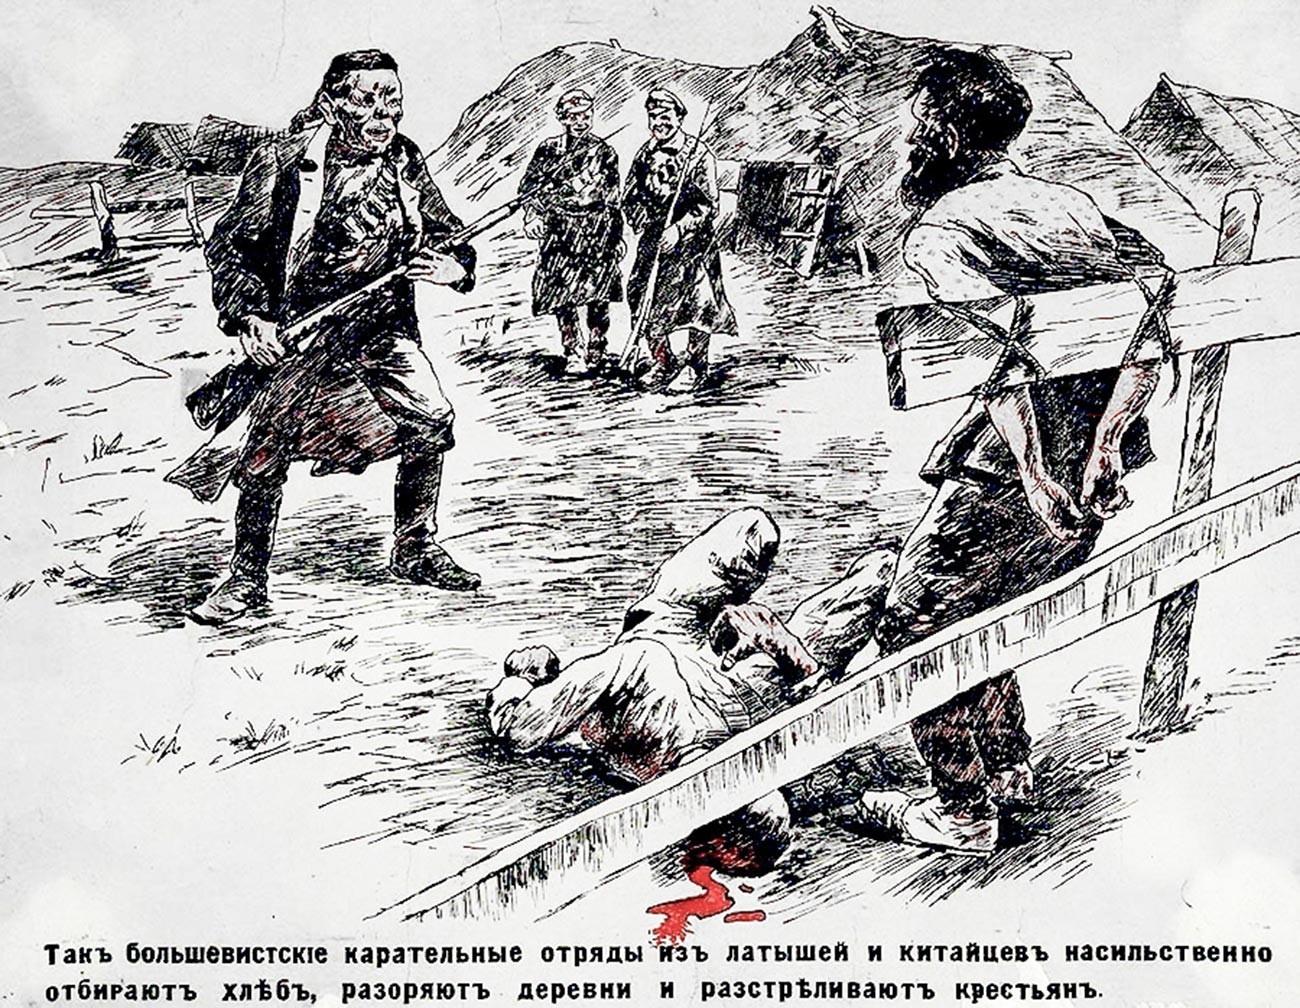 Cartaz de propaganda do movimento branco representando soldados vermelhos chineses e letões